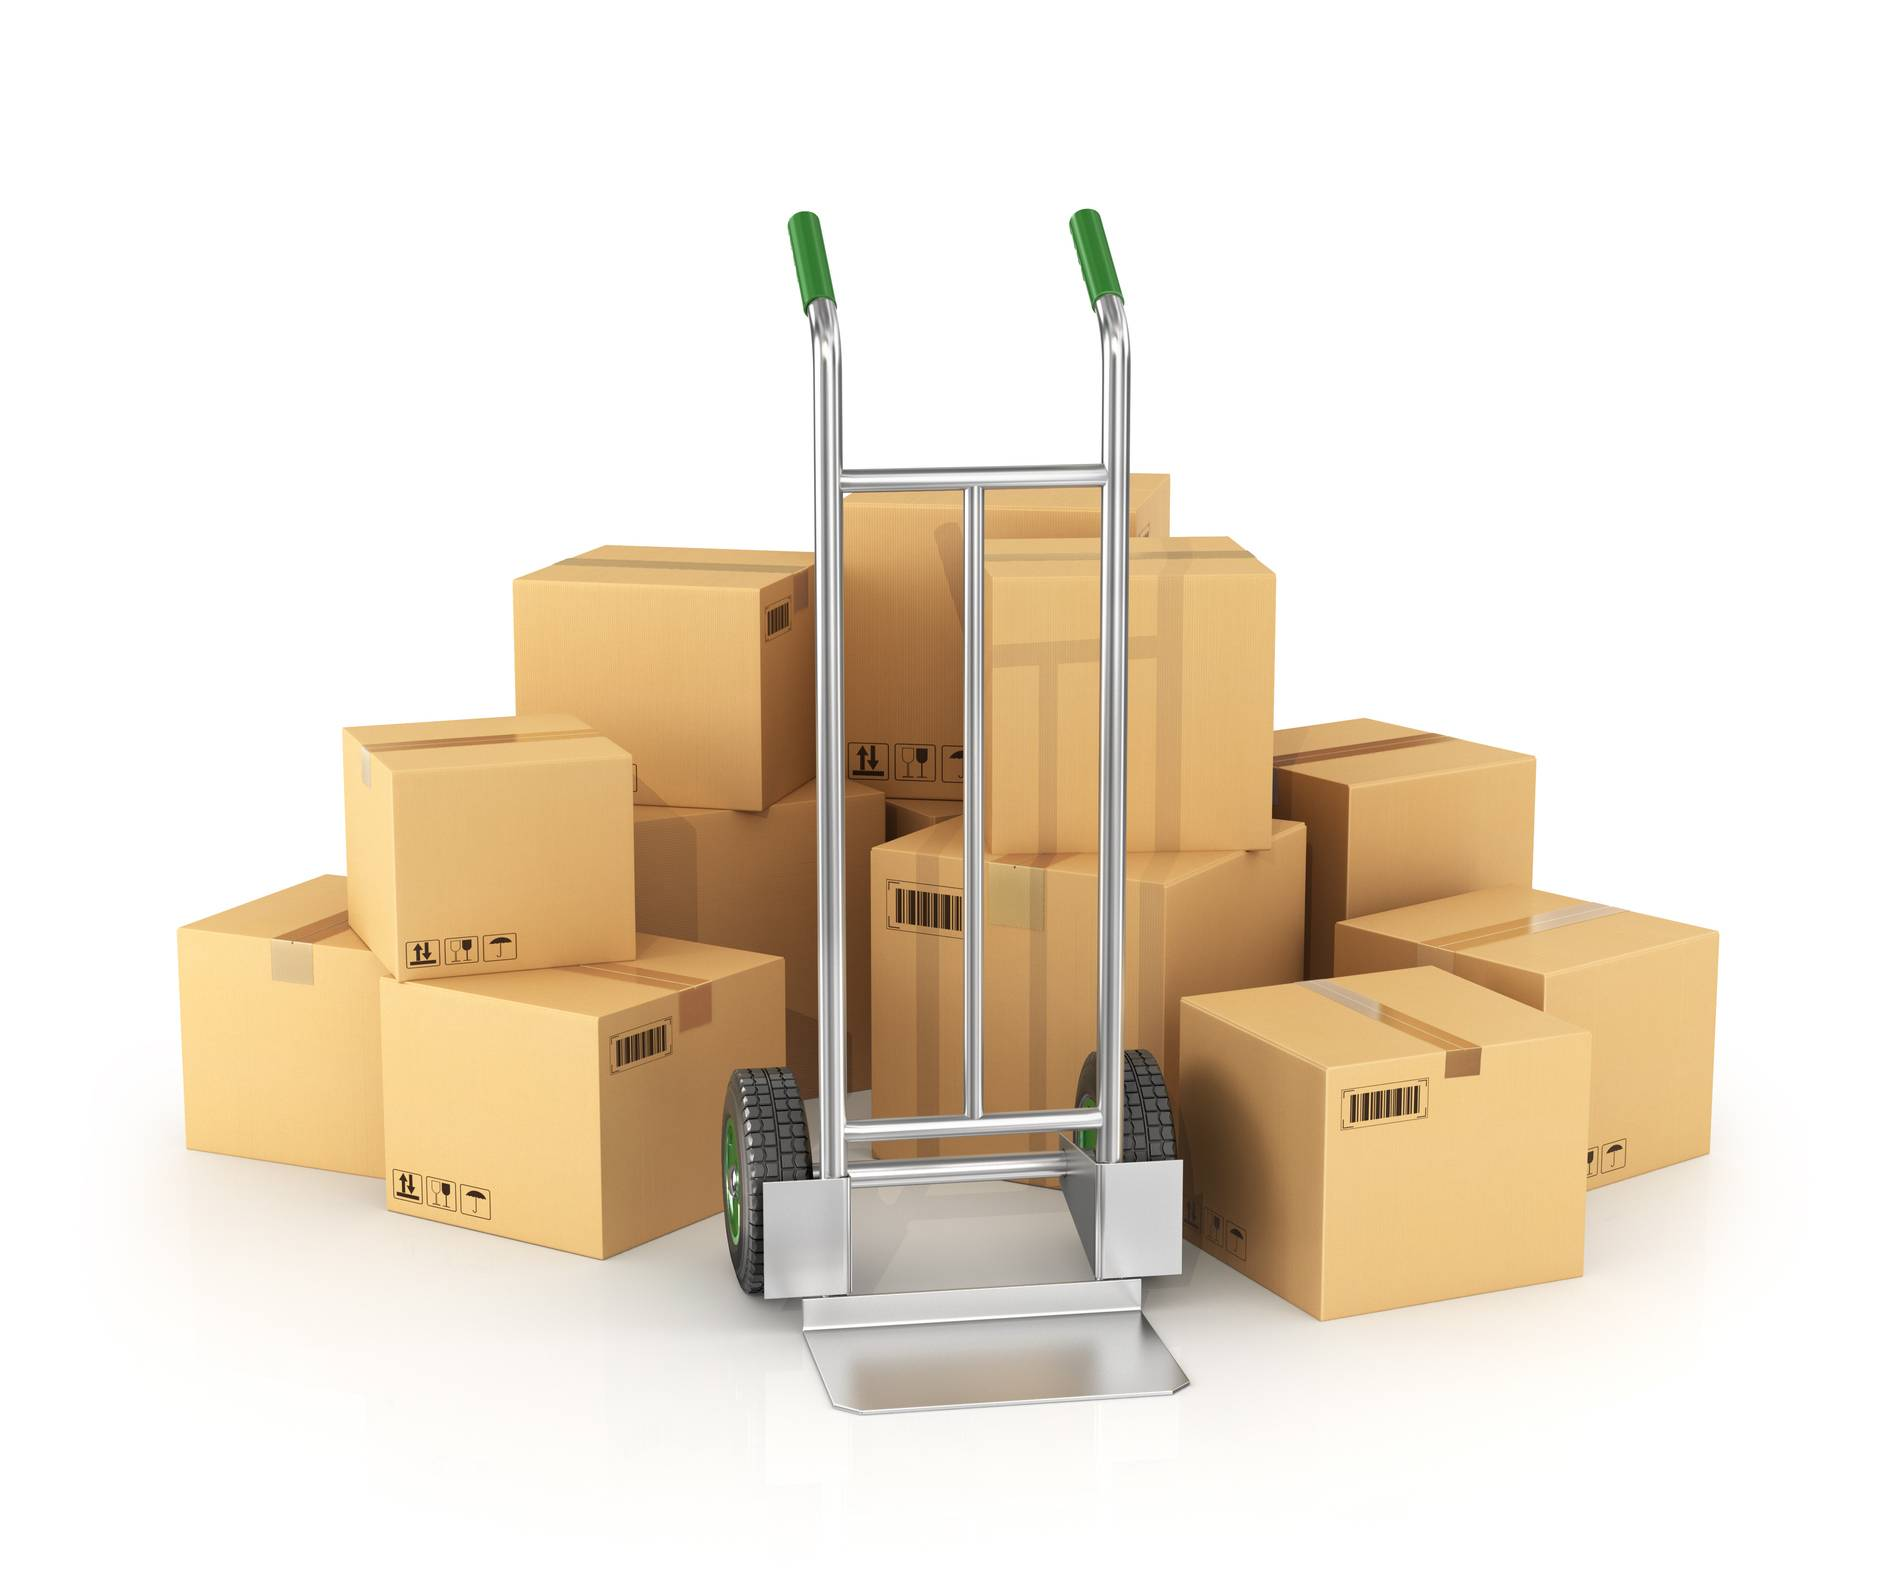 Déménagement-logistiques-entreprise-surmonter